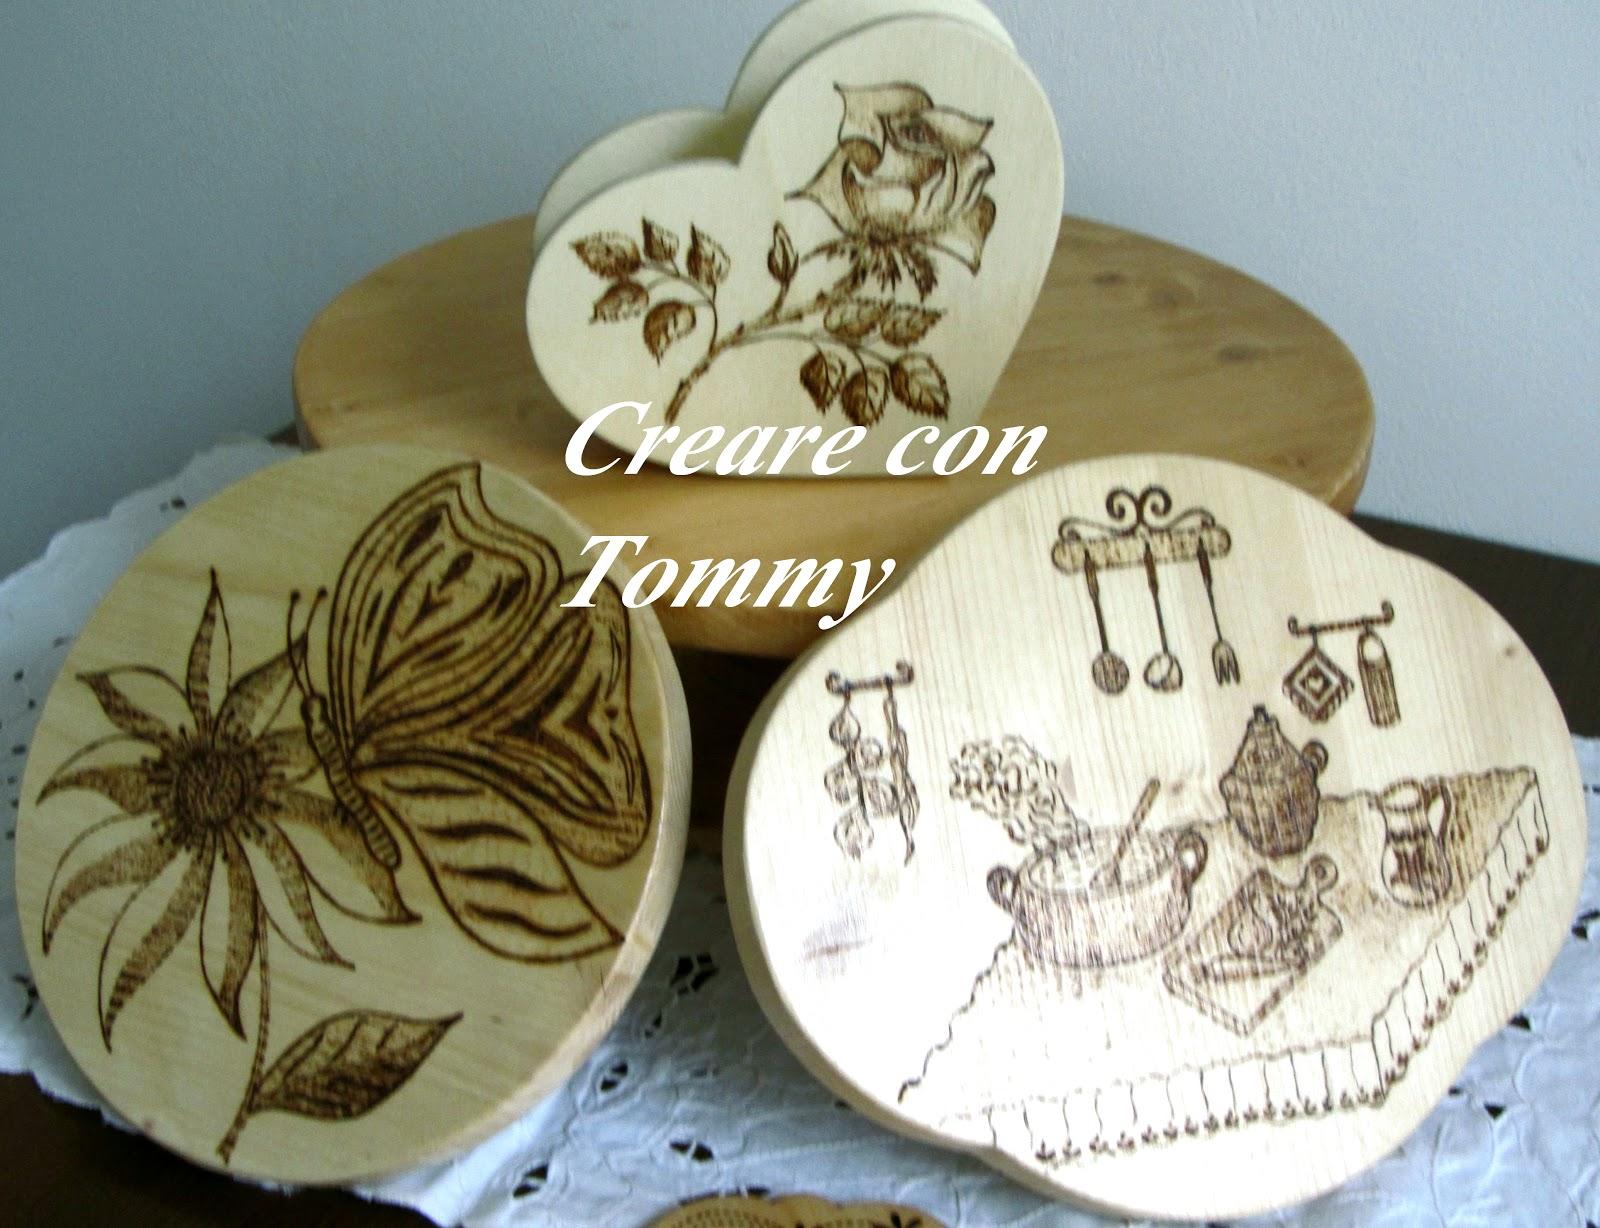 Creare con Tommy: Creazioni in legno per la cucina